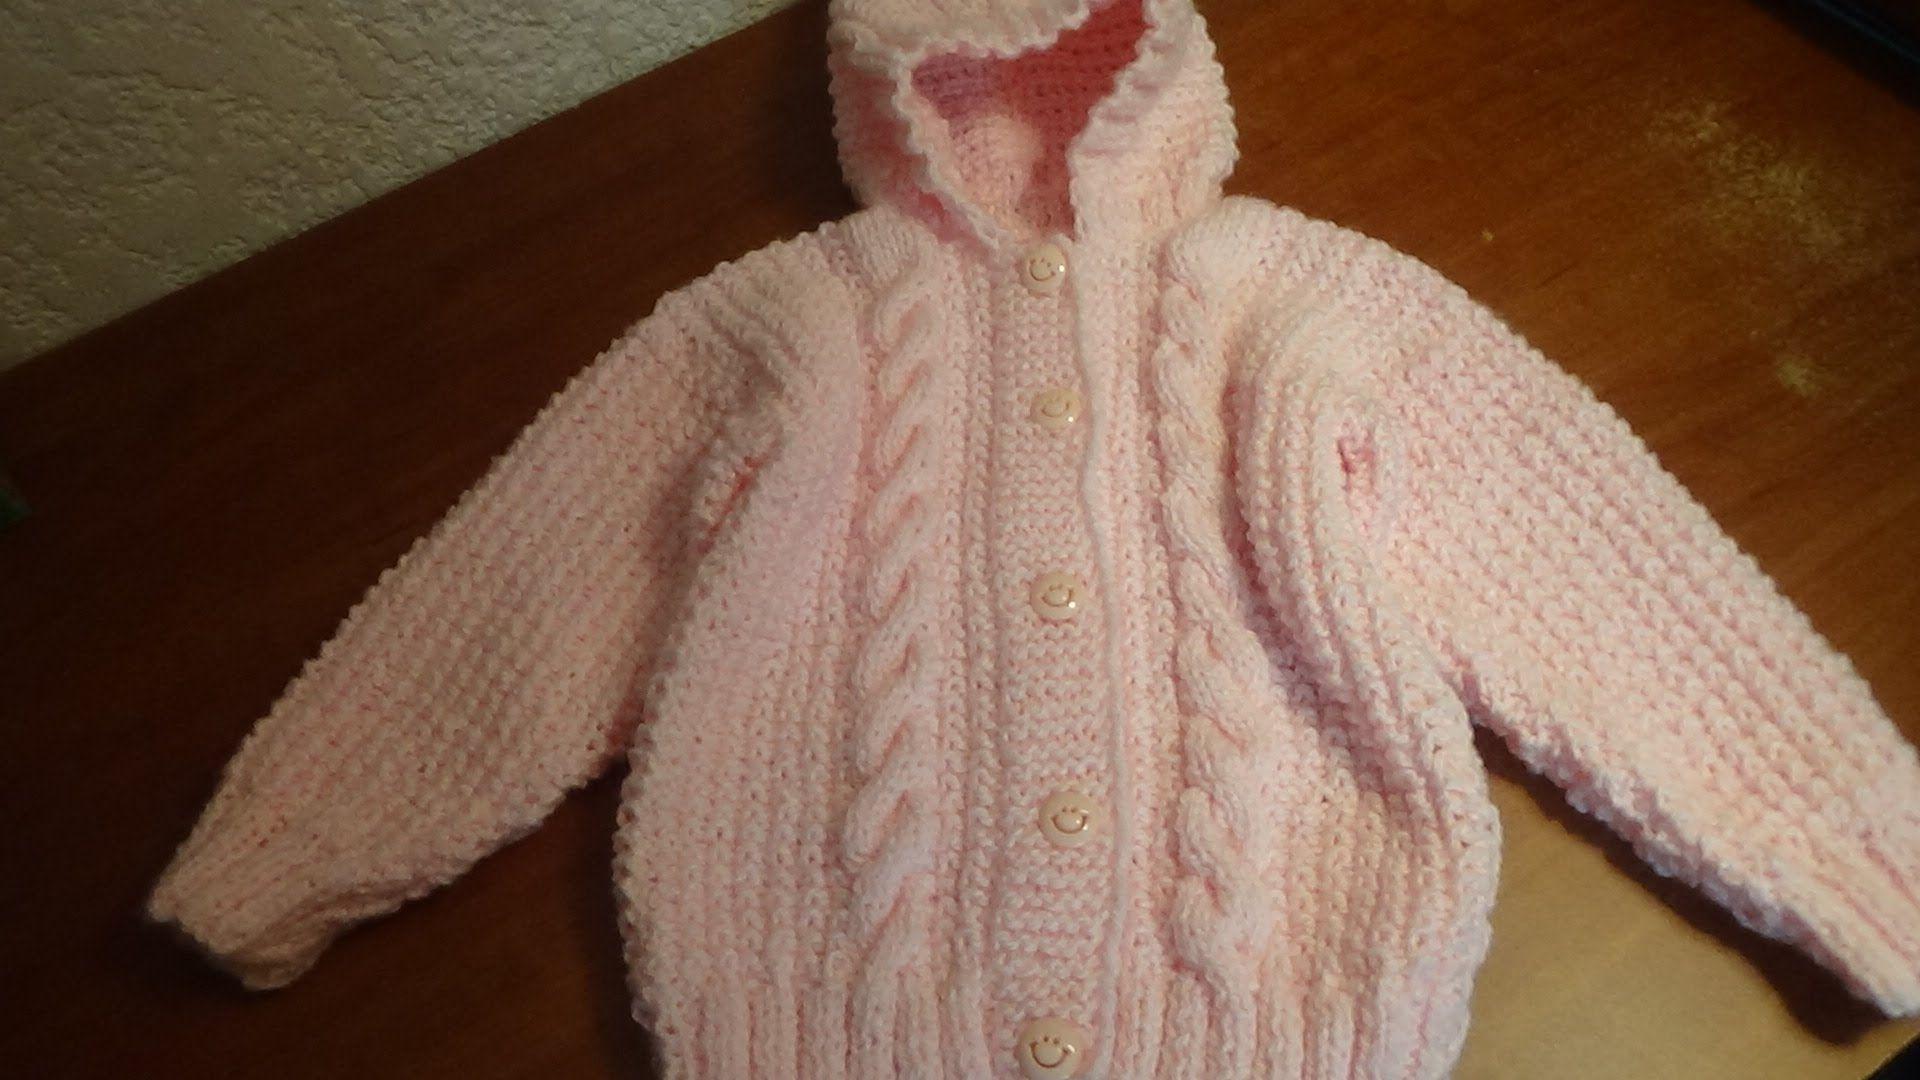 697a3459fd Sueter con gorro para bebé talla 18 meses, parte 3, mangas ...